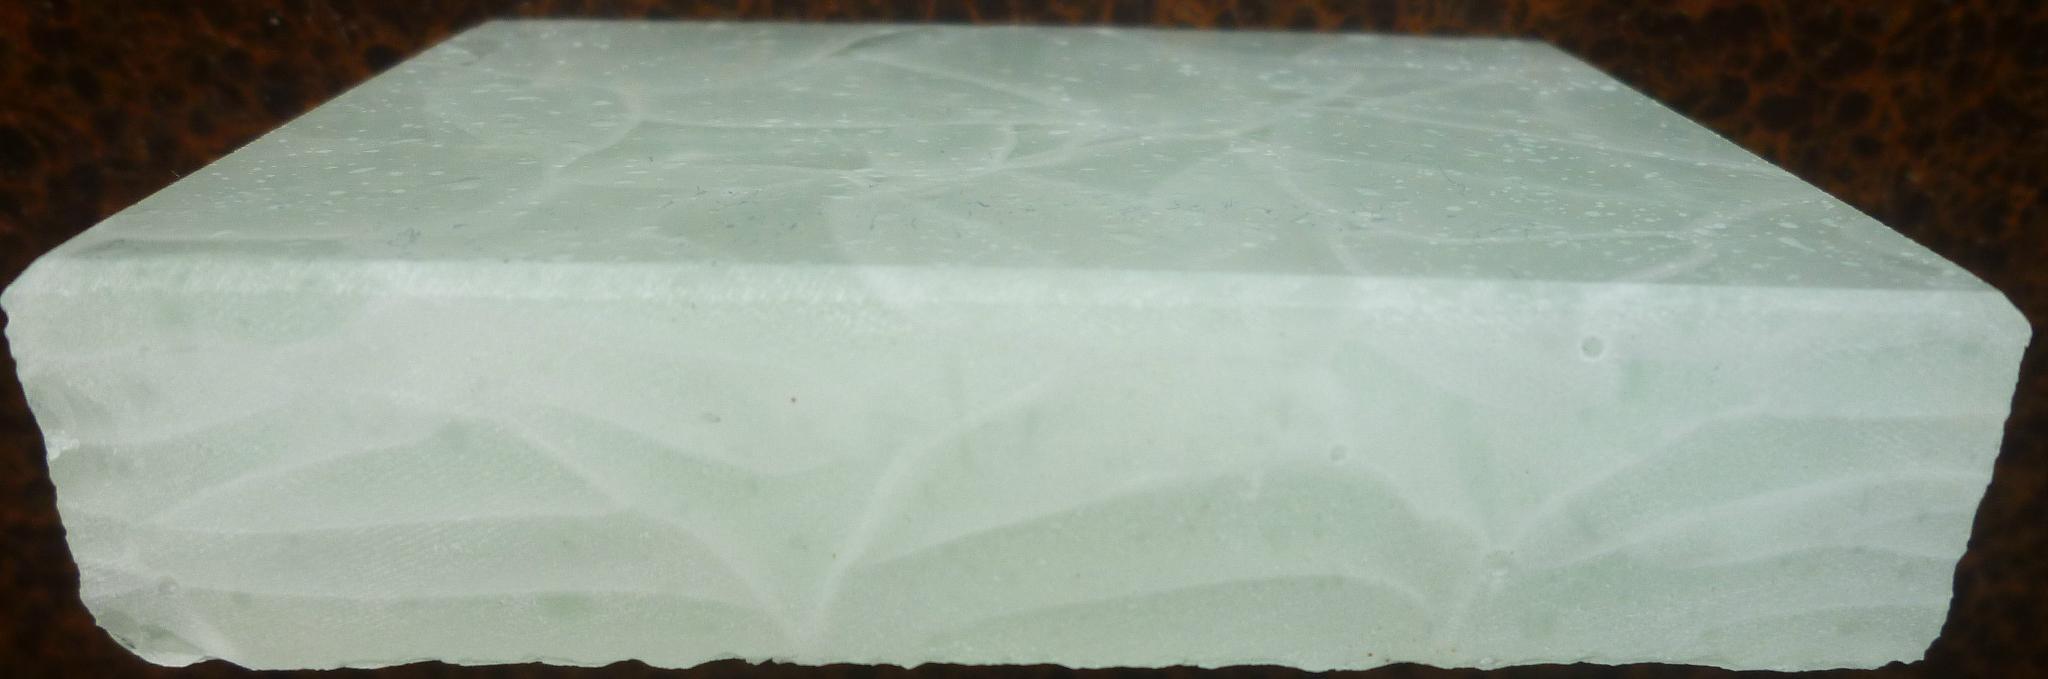 通体微晶石大板佛山生产制造商 2